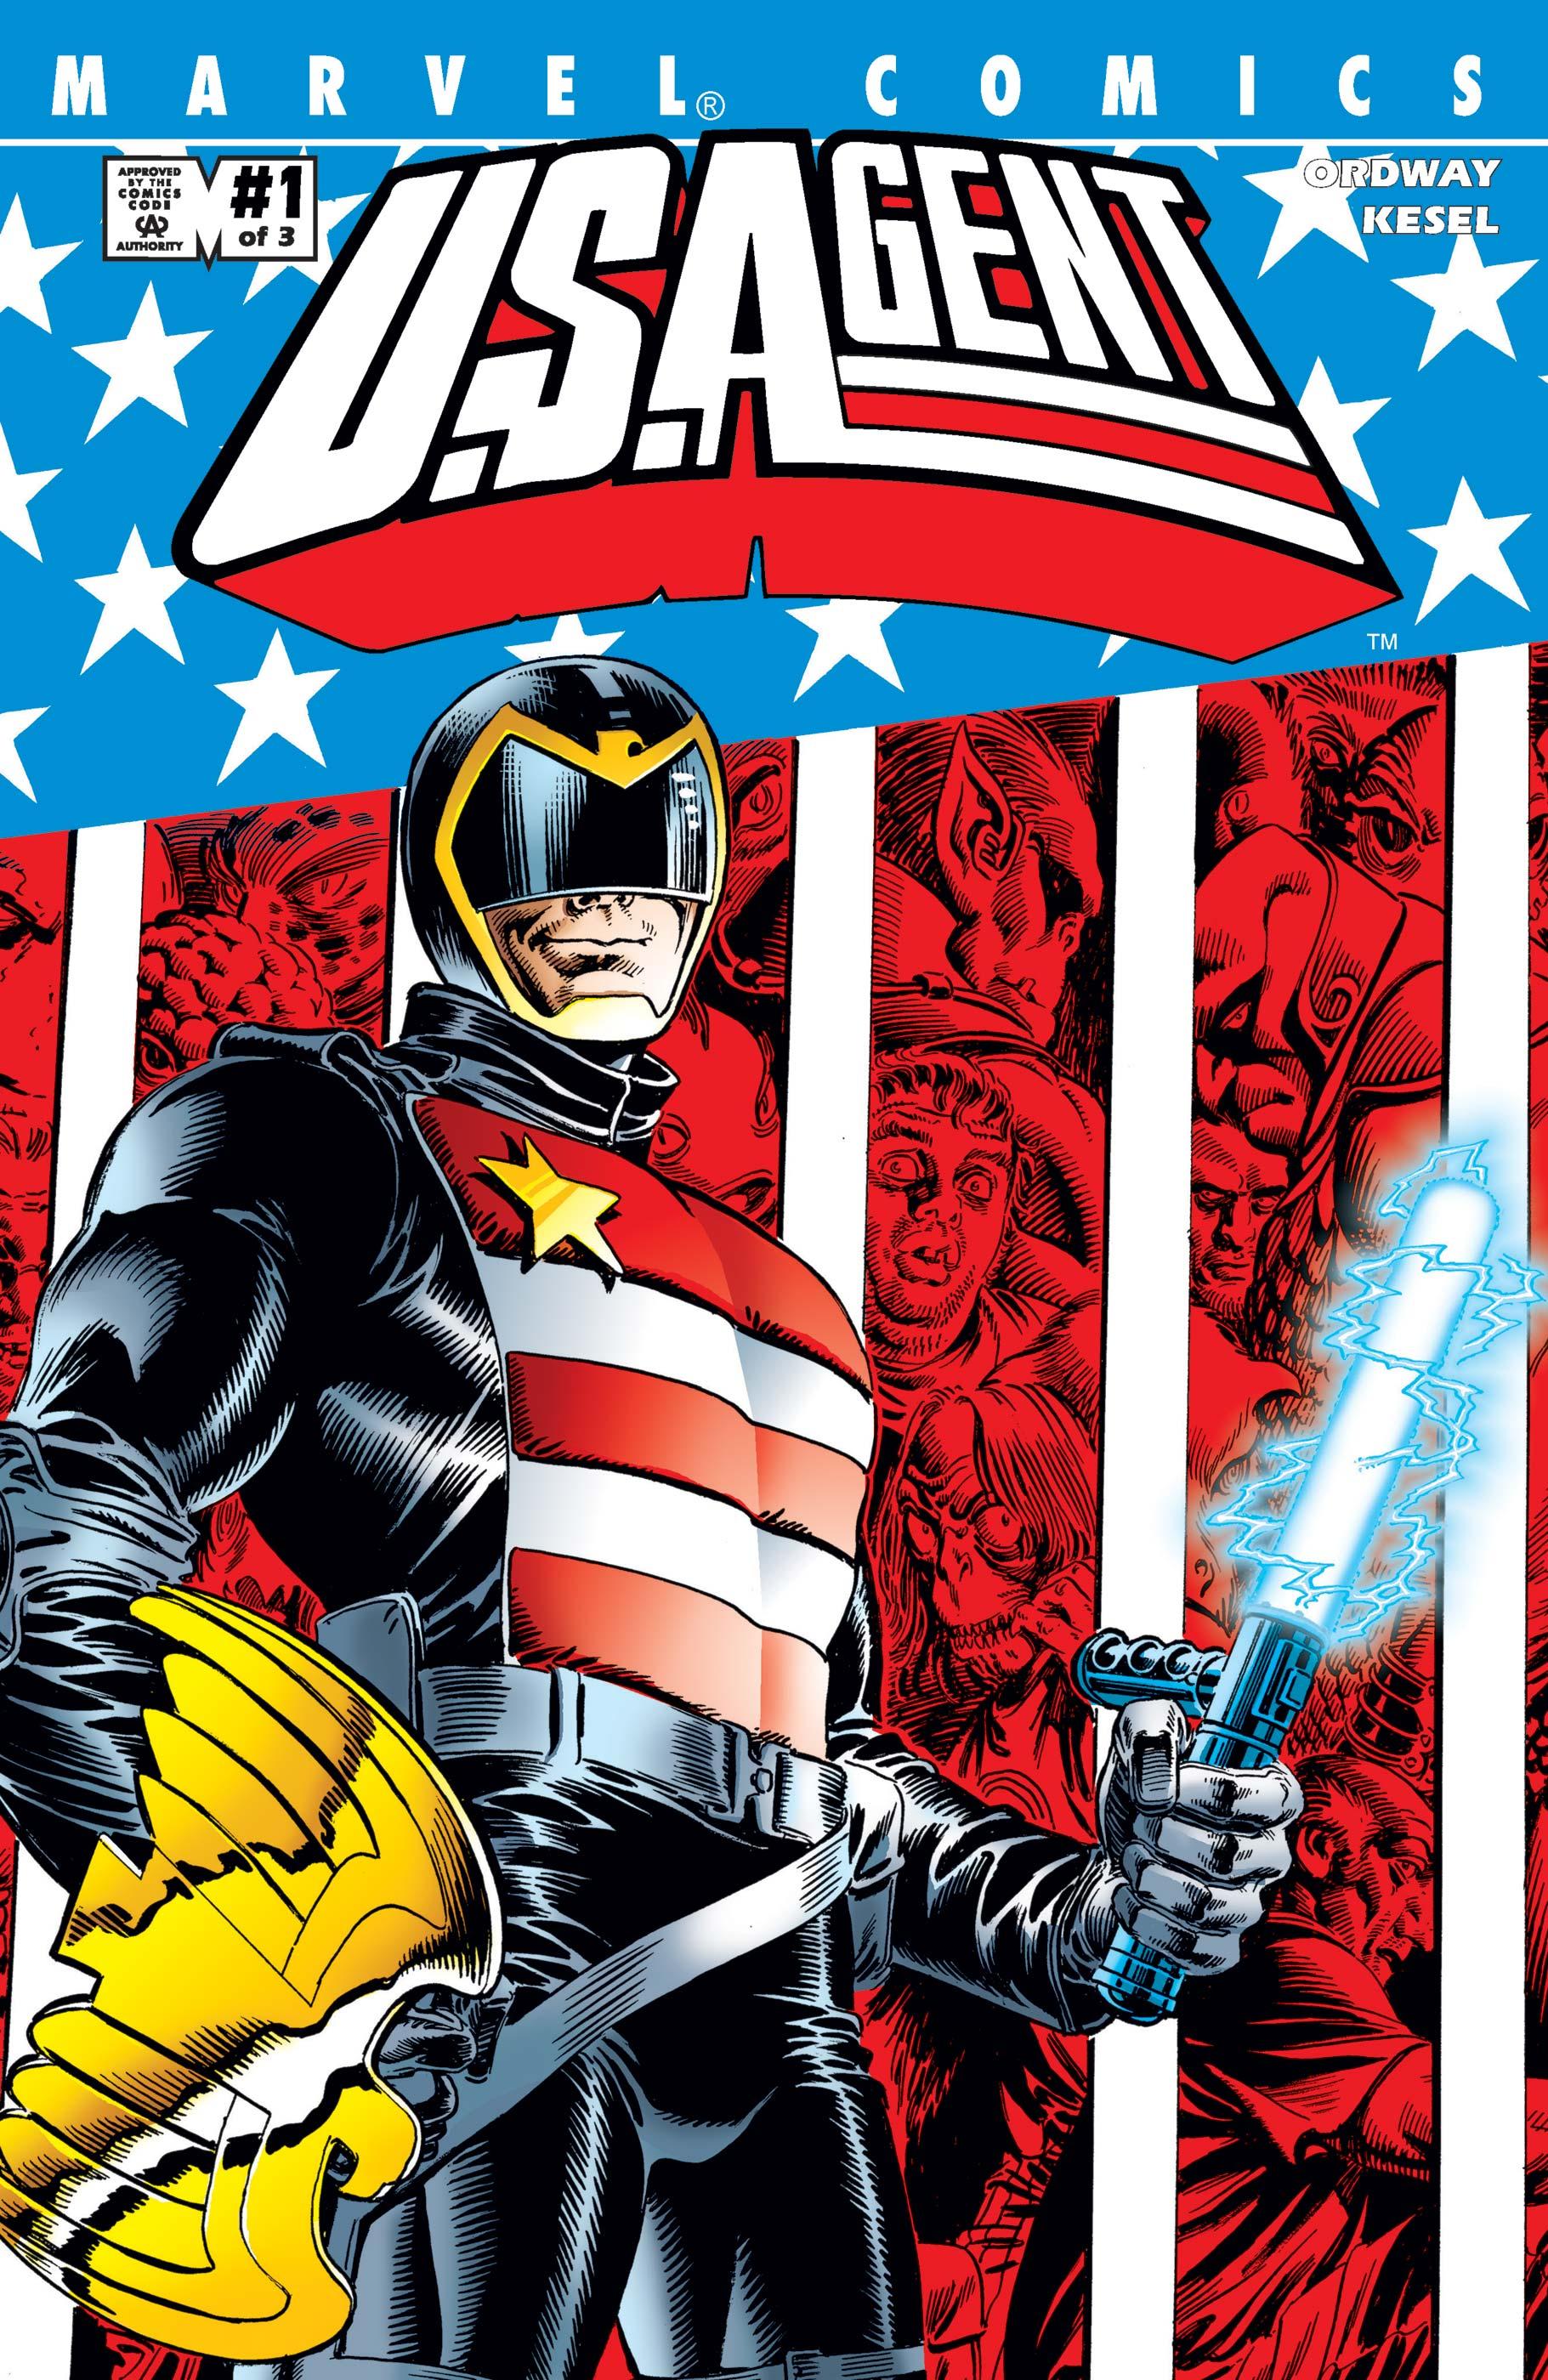 U.S.Agent (2001) #1